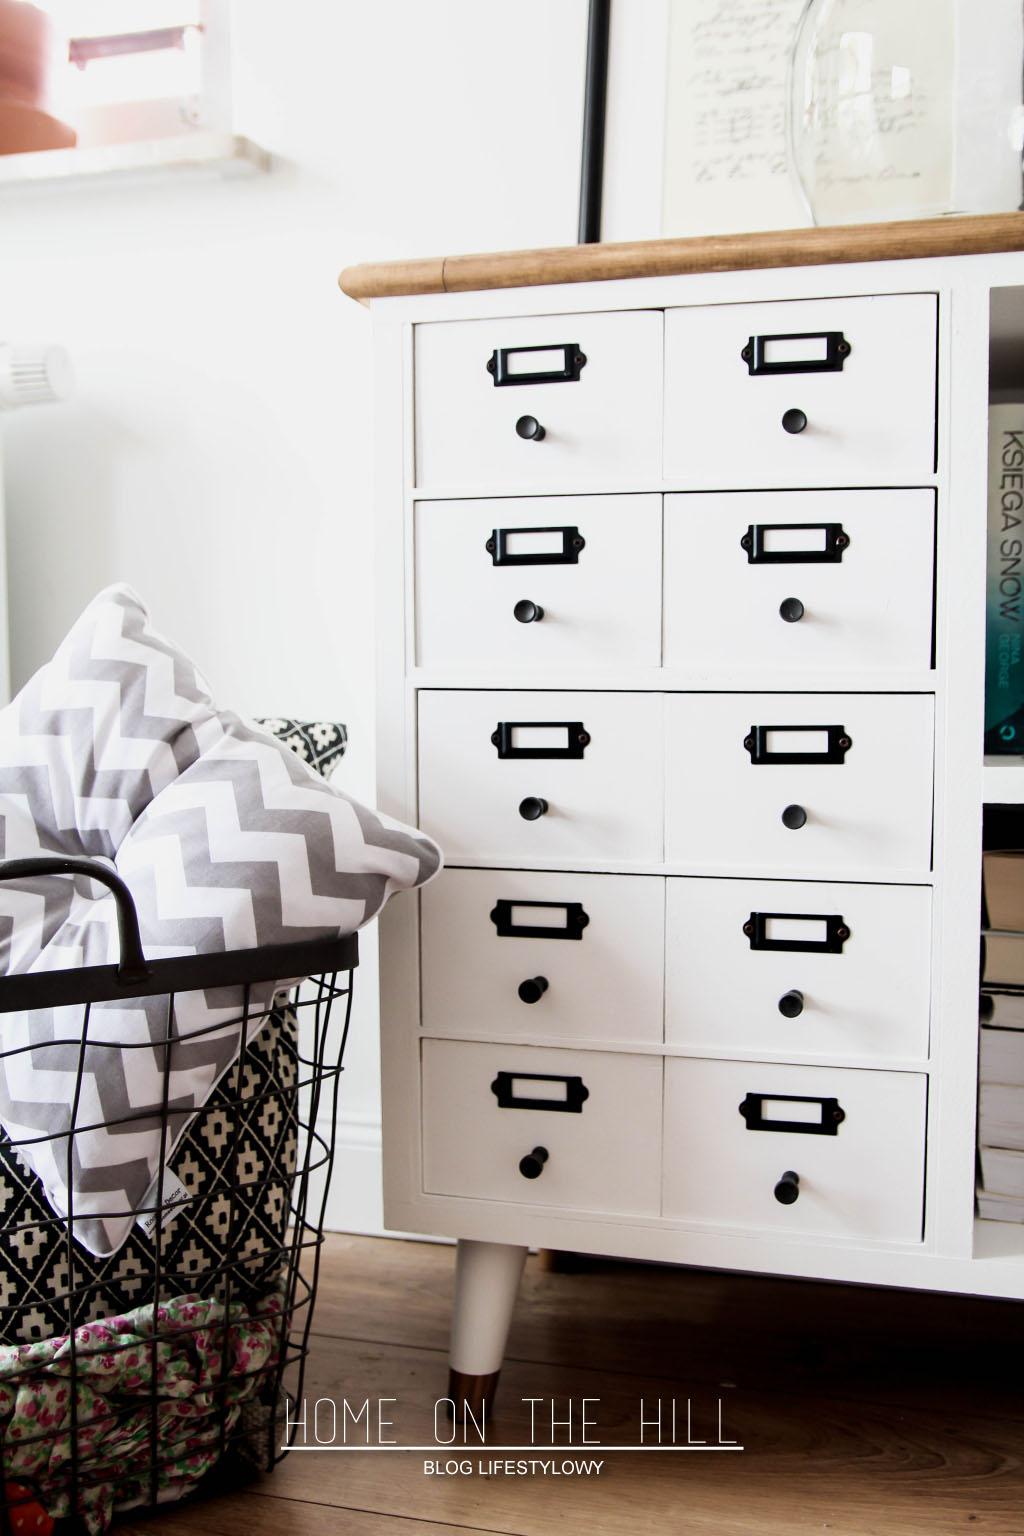 Inne rodzaje szafka biblioteczna diy - Home on the Hill - blog lifestylowy PI35